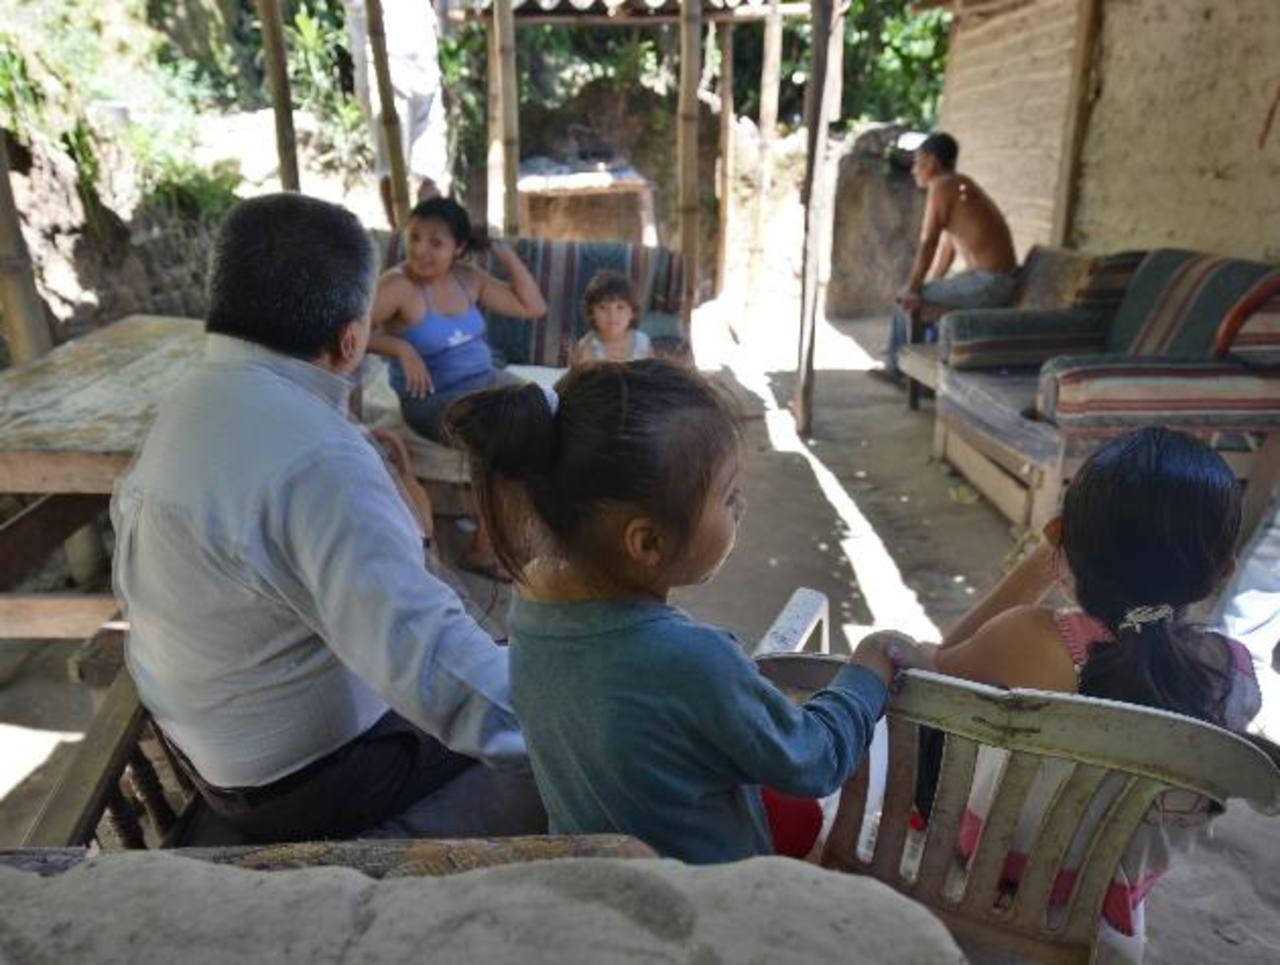 Familias enteras han sido afectadas con el nuevo virus en Ayutuxtepeque. Fotos EDH/ Douglas Urquilla